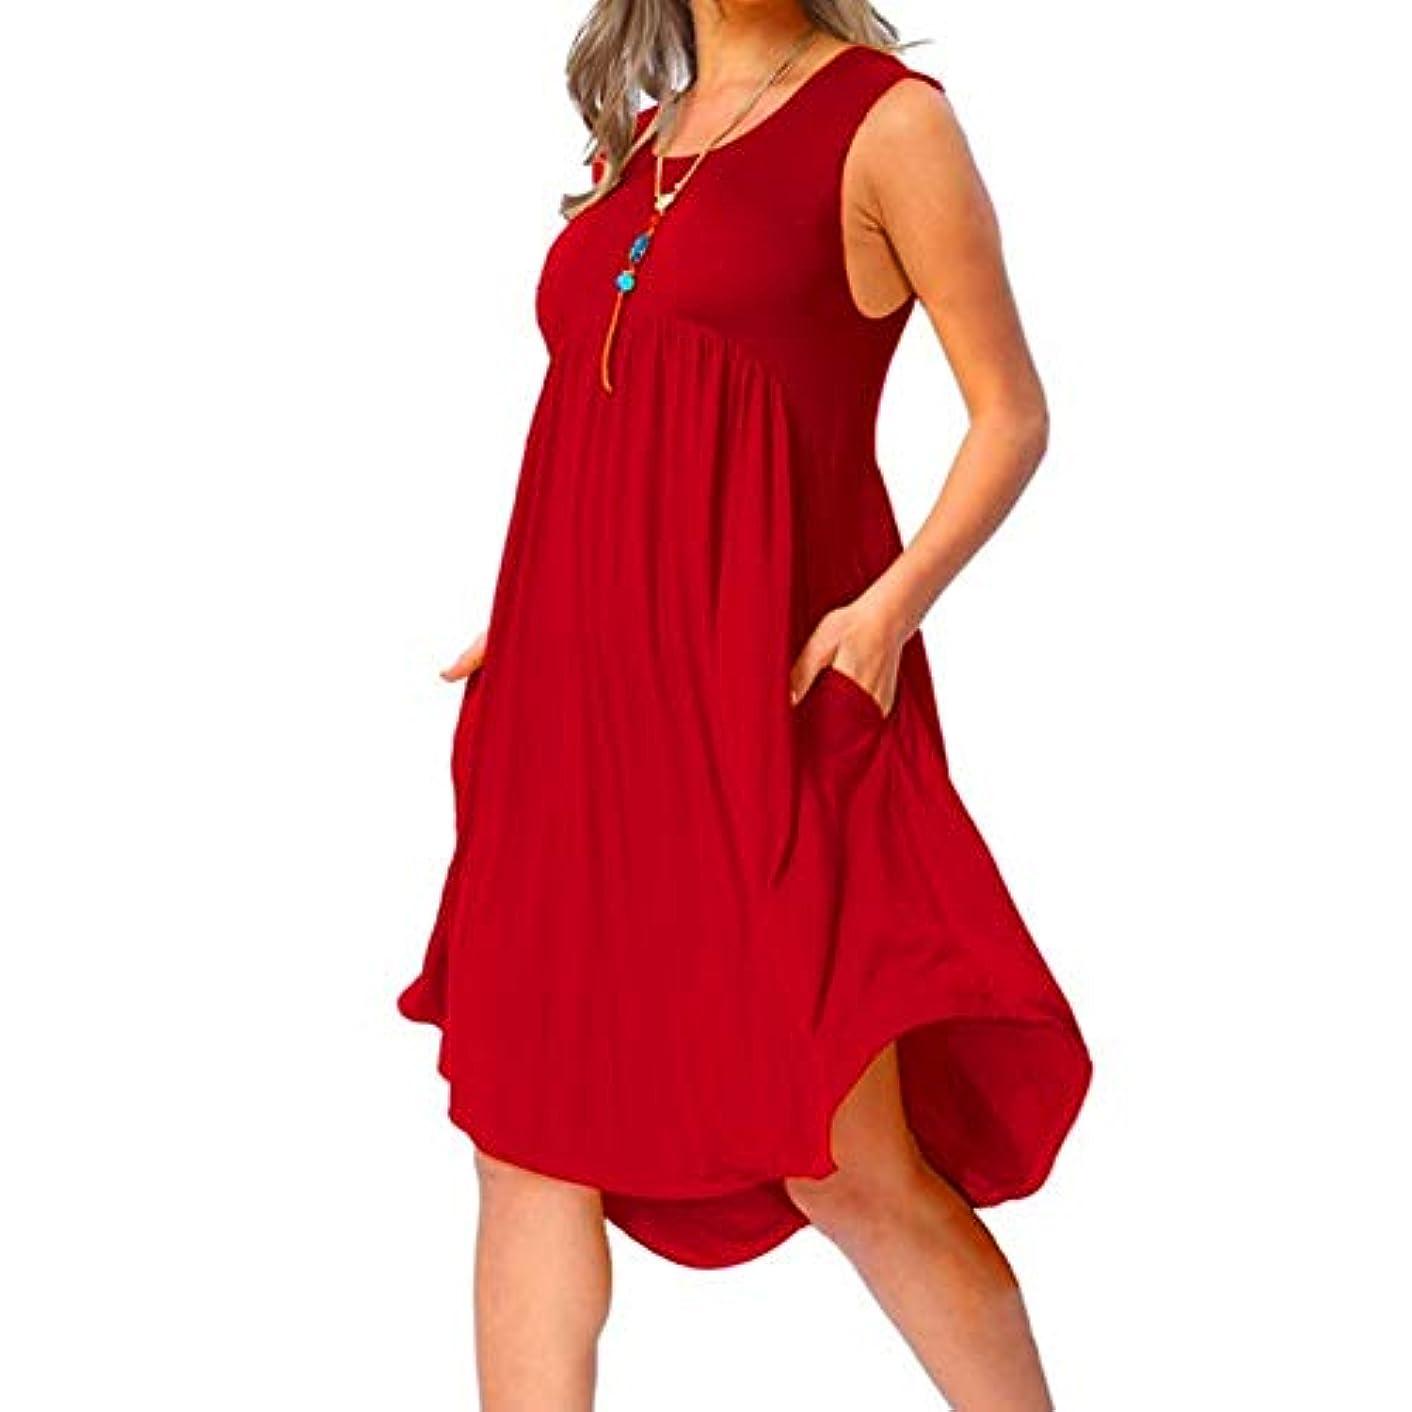 認識やけど絶望的なMIFAN の女性のドレスカジュアルな不規則なドレスルースサマービーチTシャツドレス